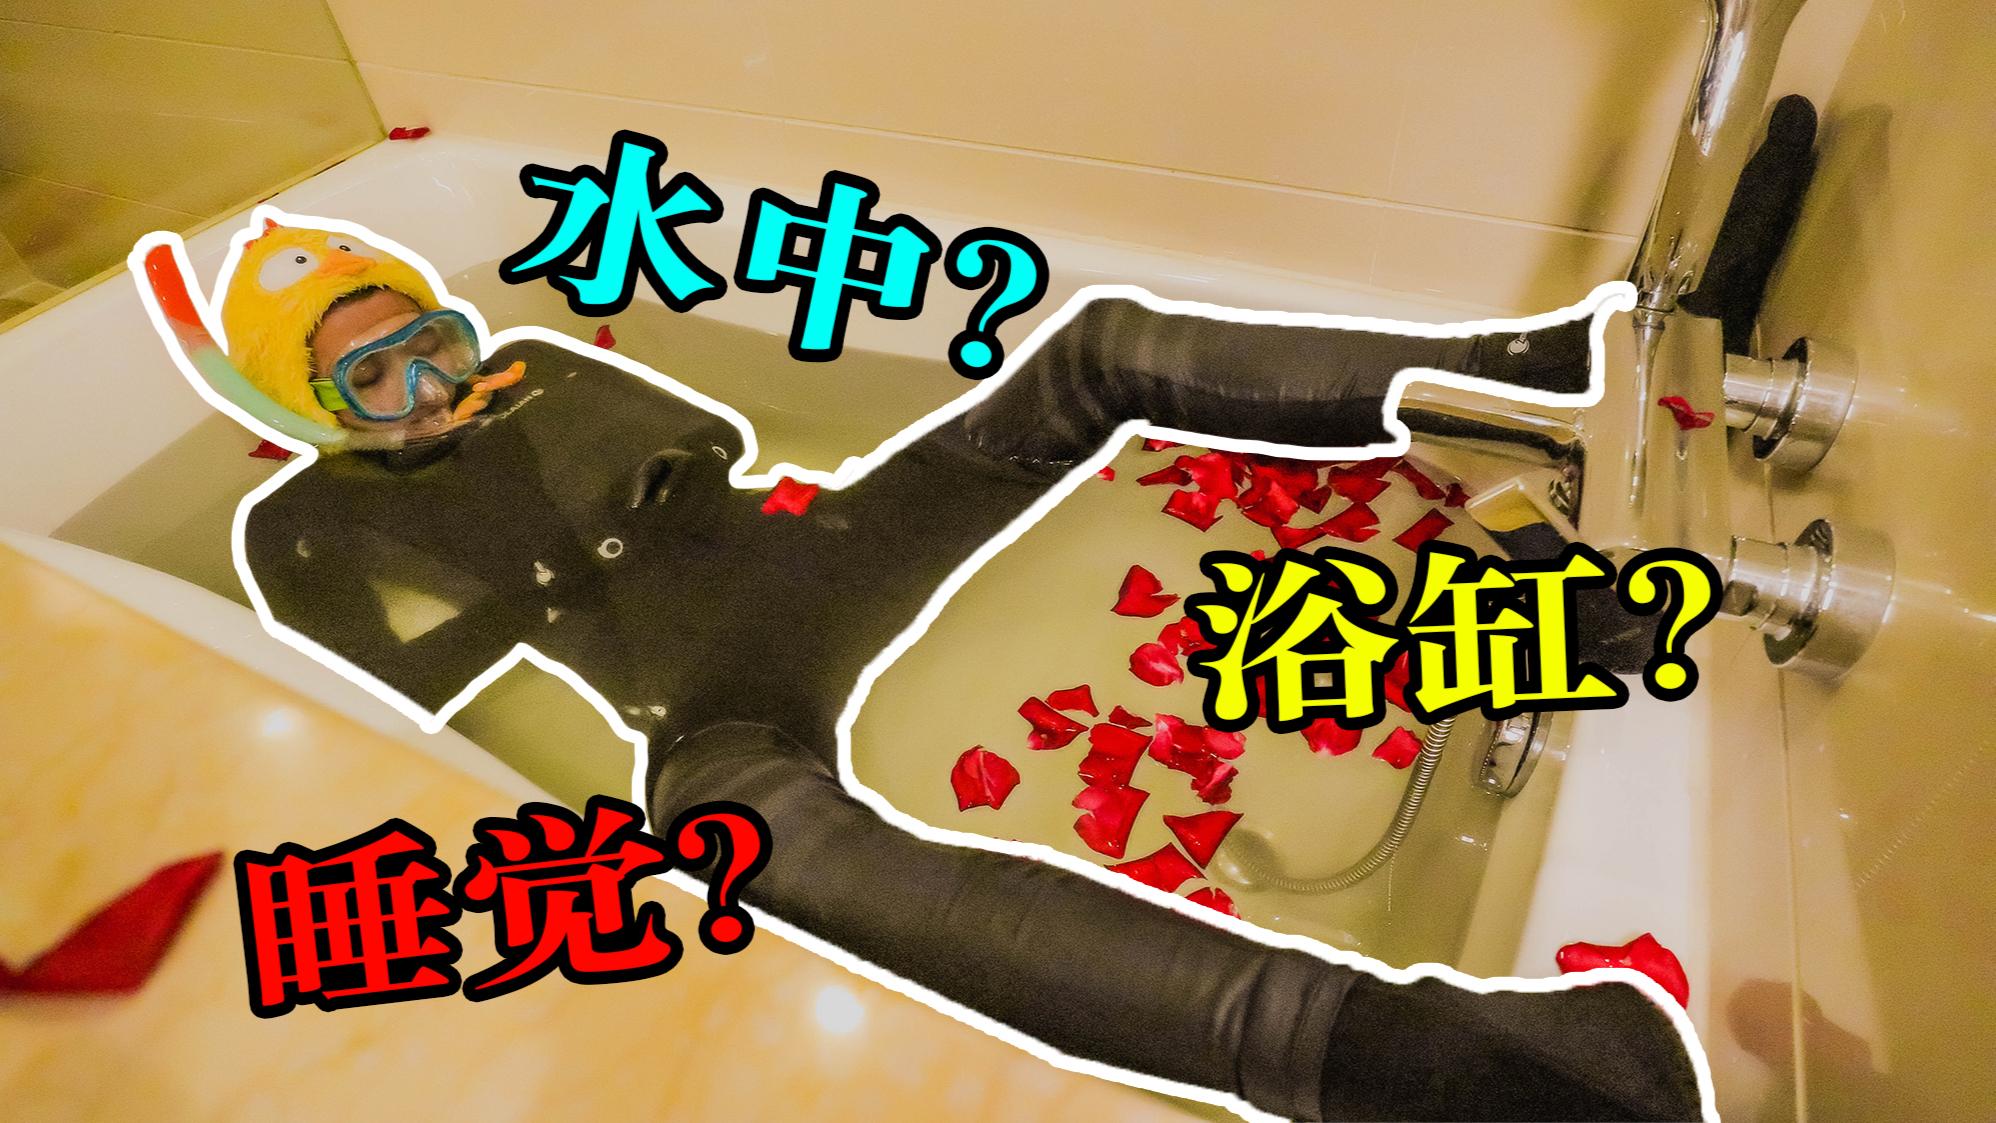 我在加满水的浴缸里睡觉,真的能睡着吗?